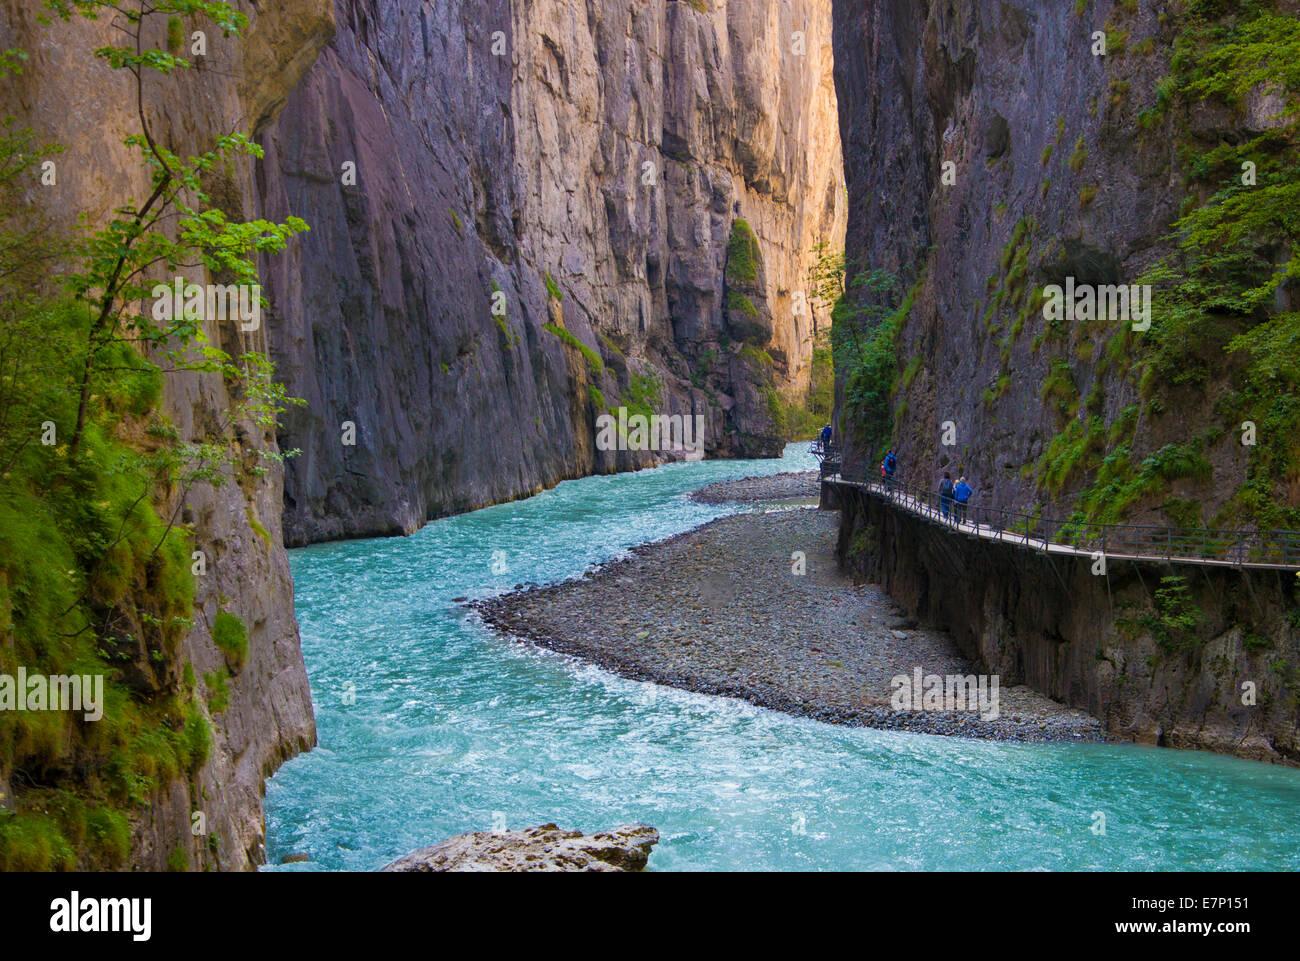 Aare, Gorge, canyon, Suisse, Europe, géologie, vert, nature, parc, rivière, rochers, printemps, touristique, Photo Stock